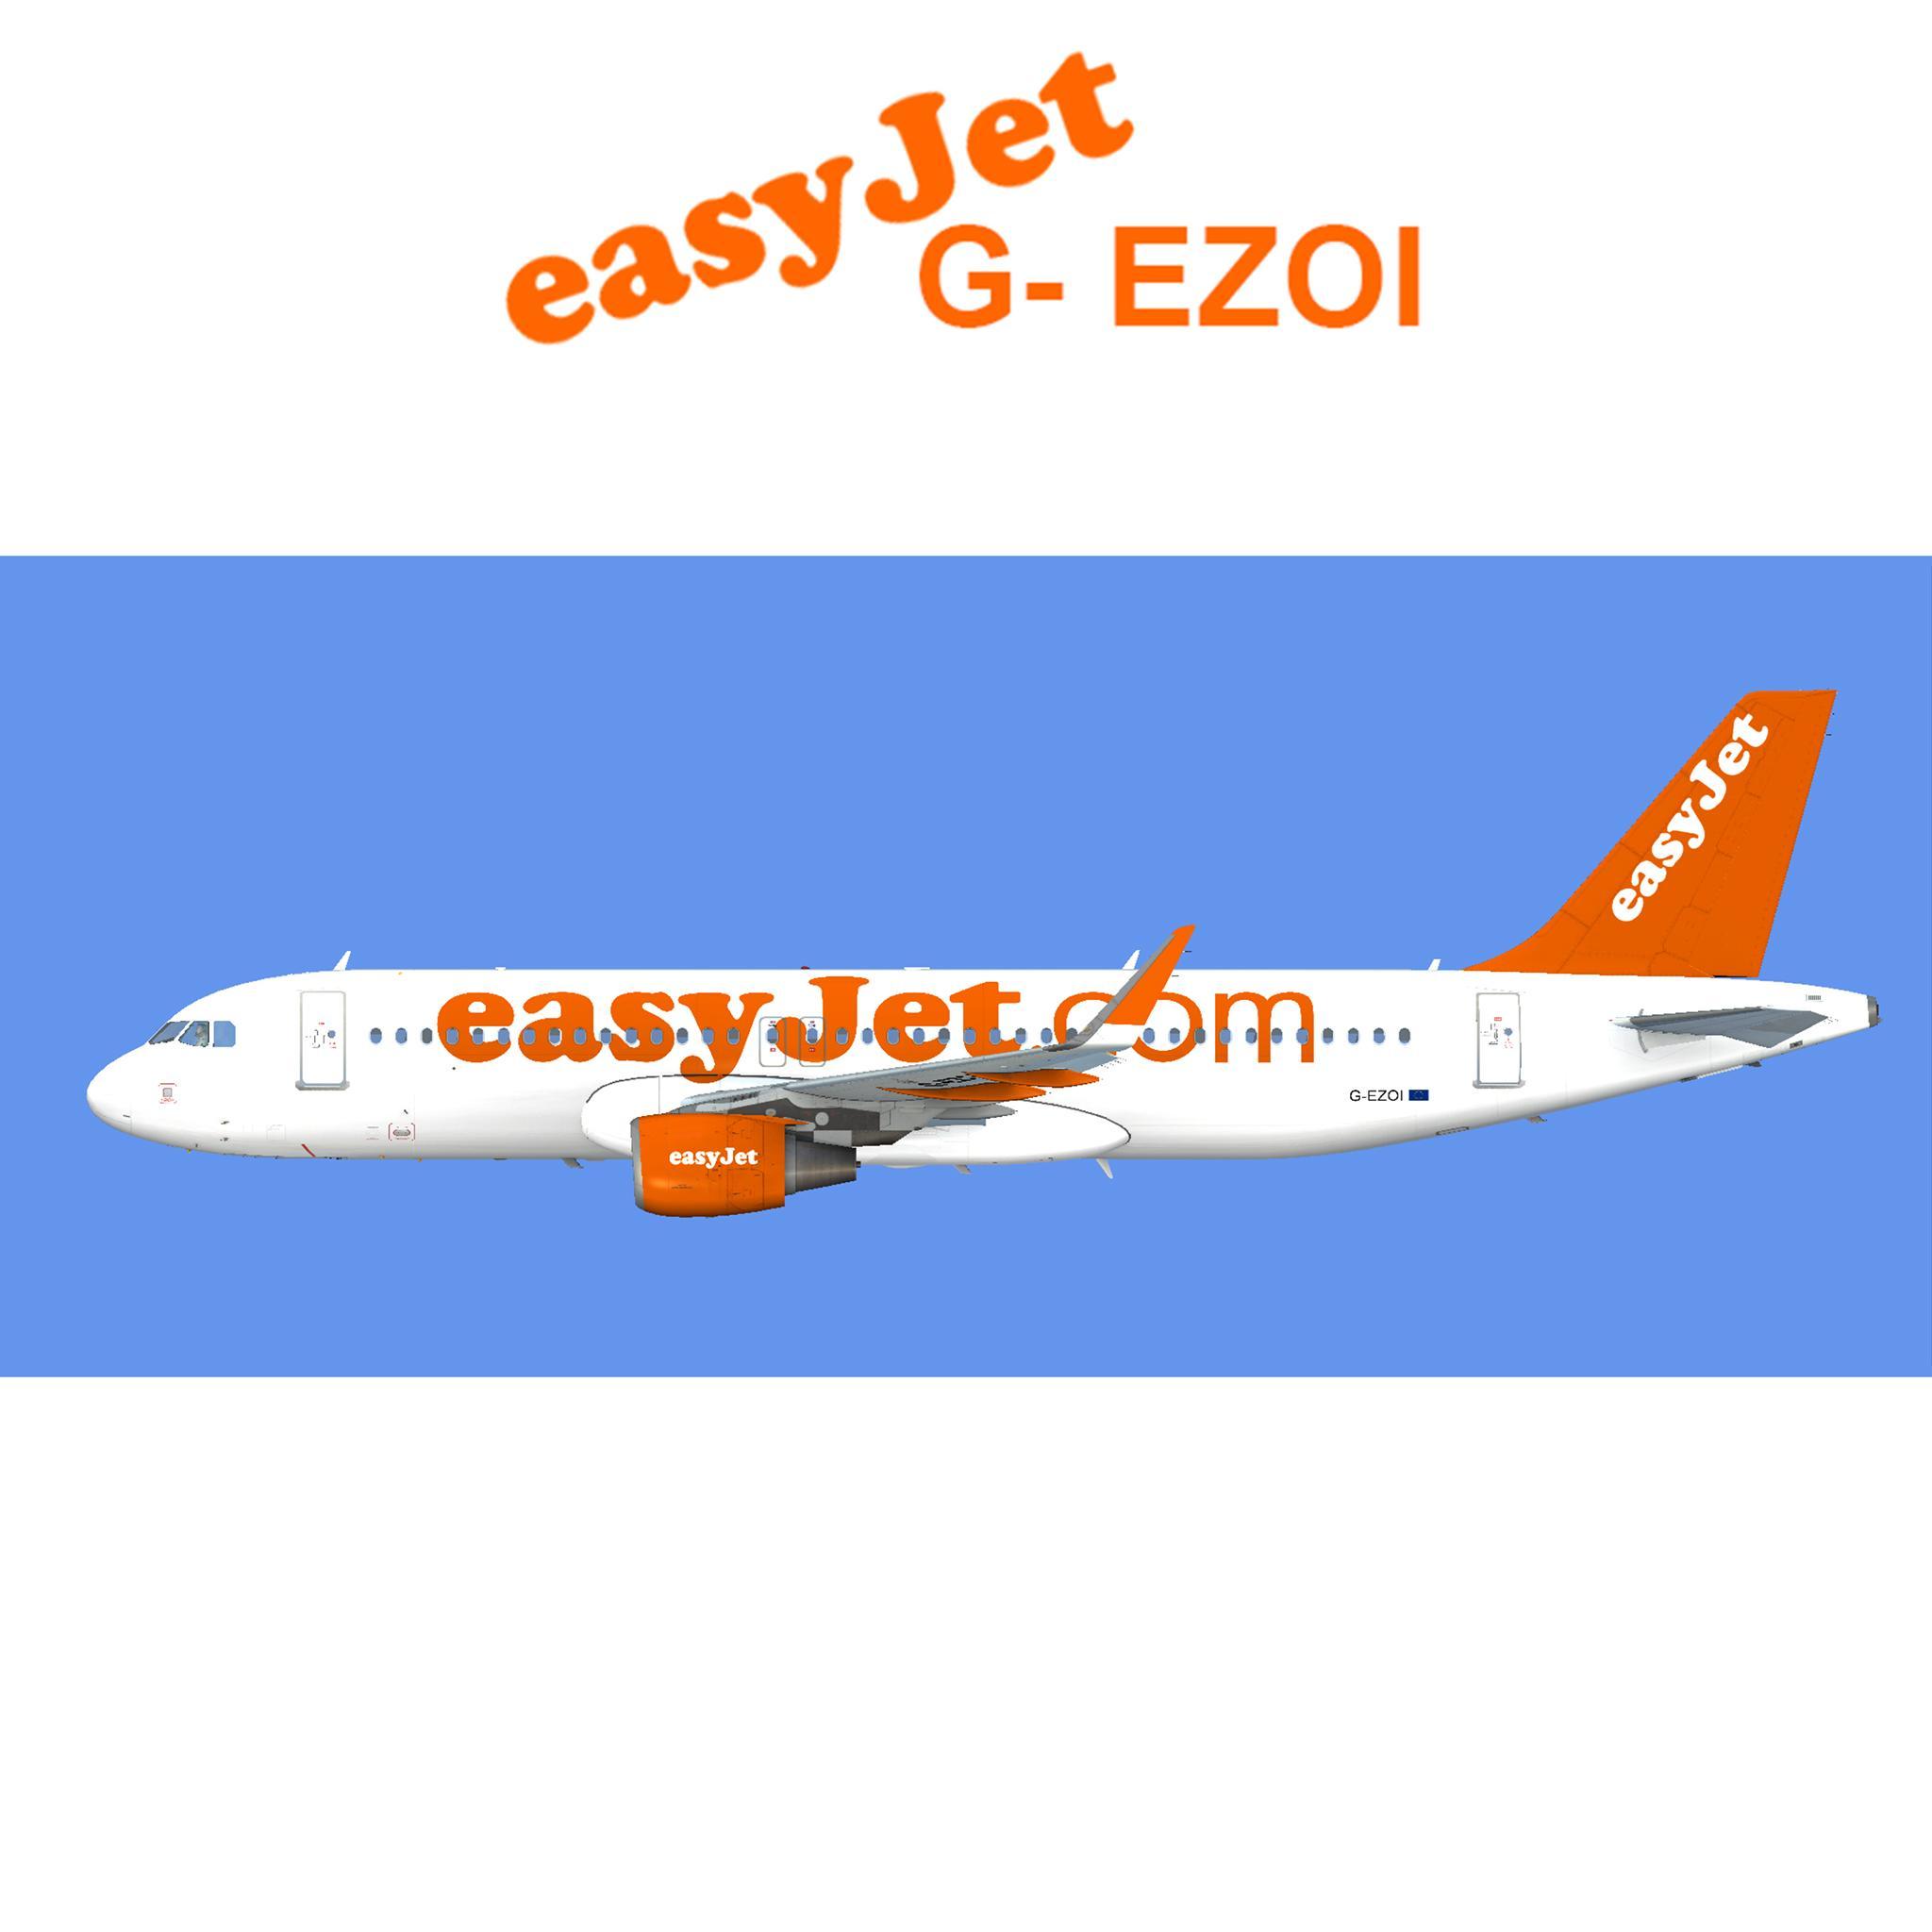 FlyJSim - AEROSOFT COMMUNITY SERVICES